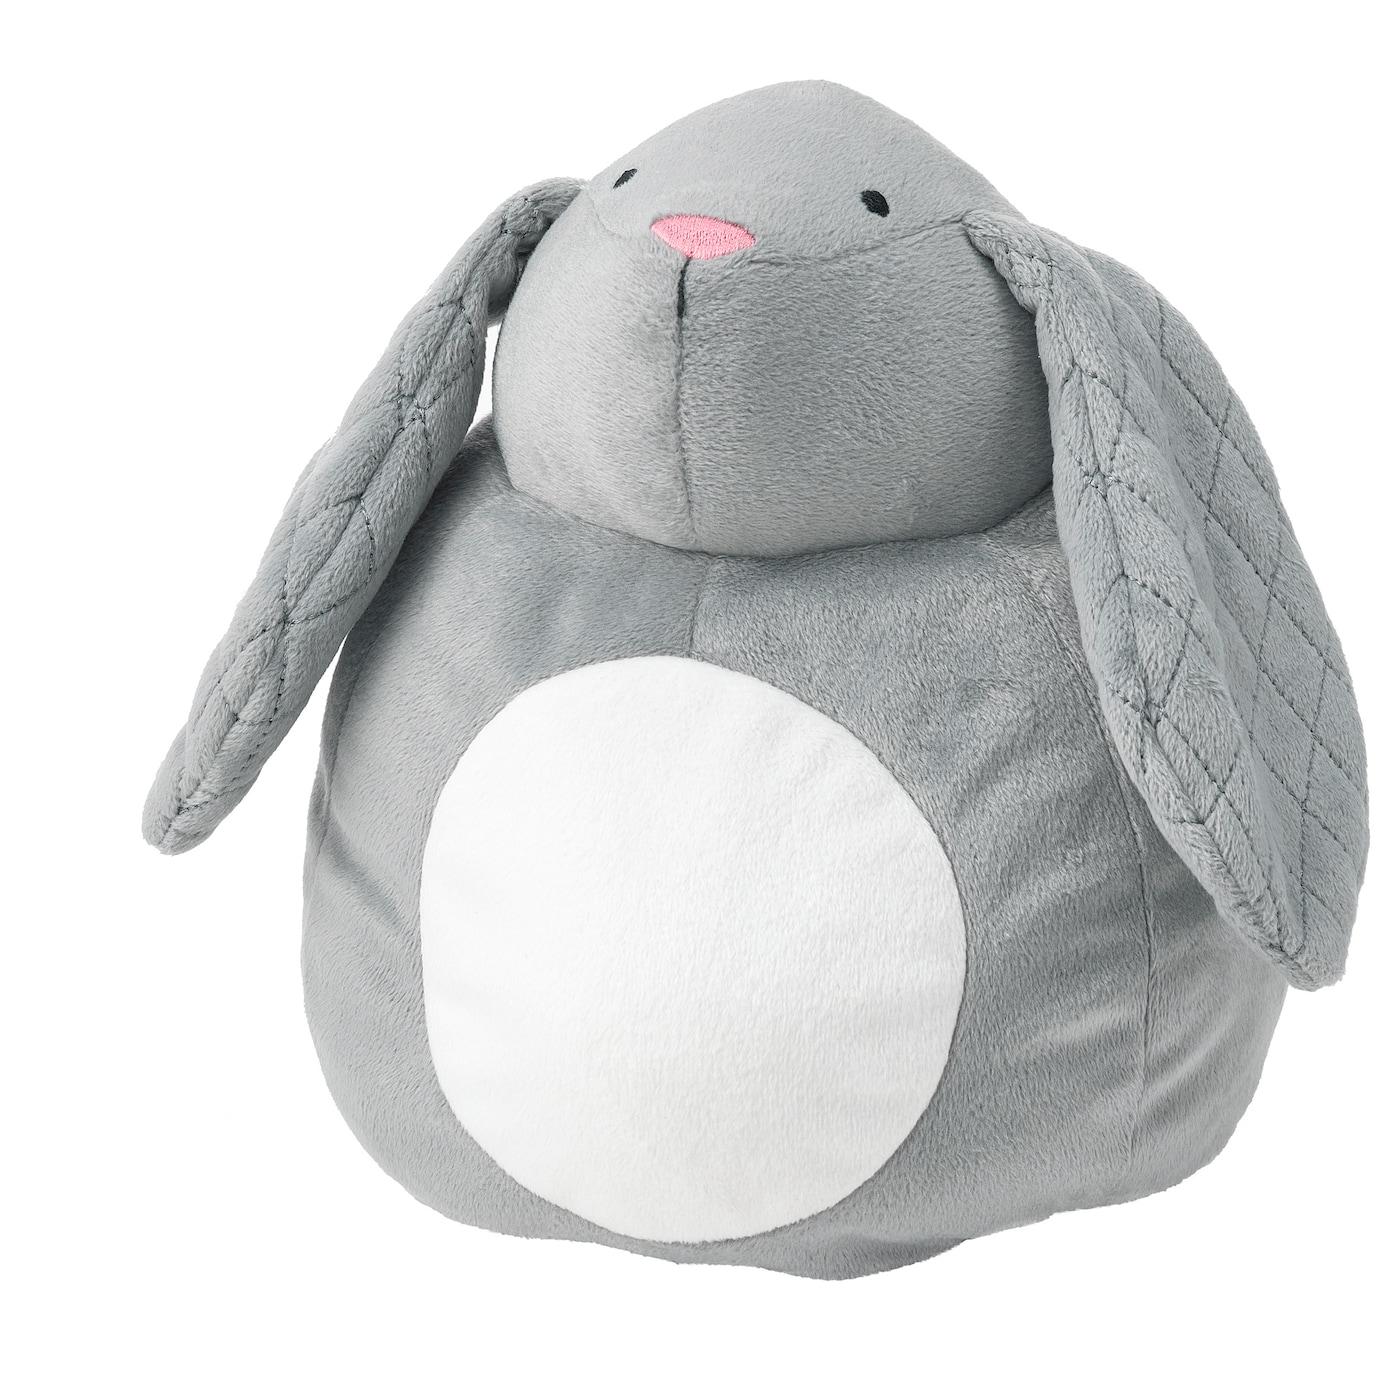 PEKHULT Stofftier mit LED-Nachtlicht - grau Kaninchen/batteriebetrieben 19 cm